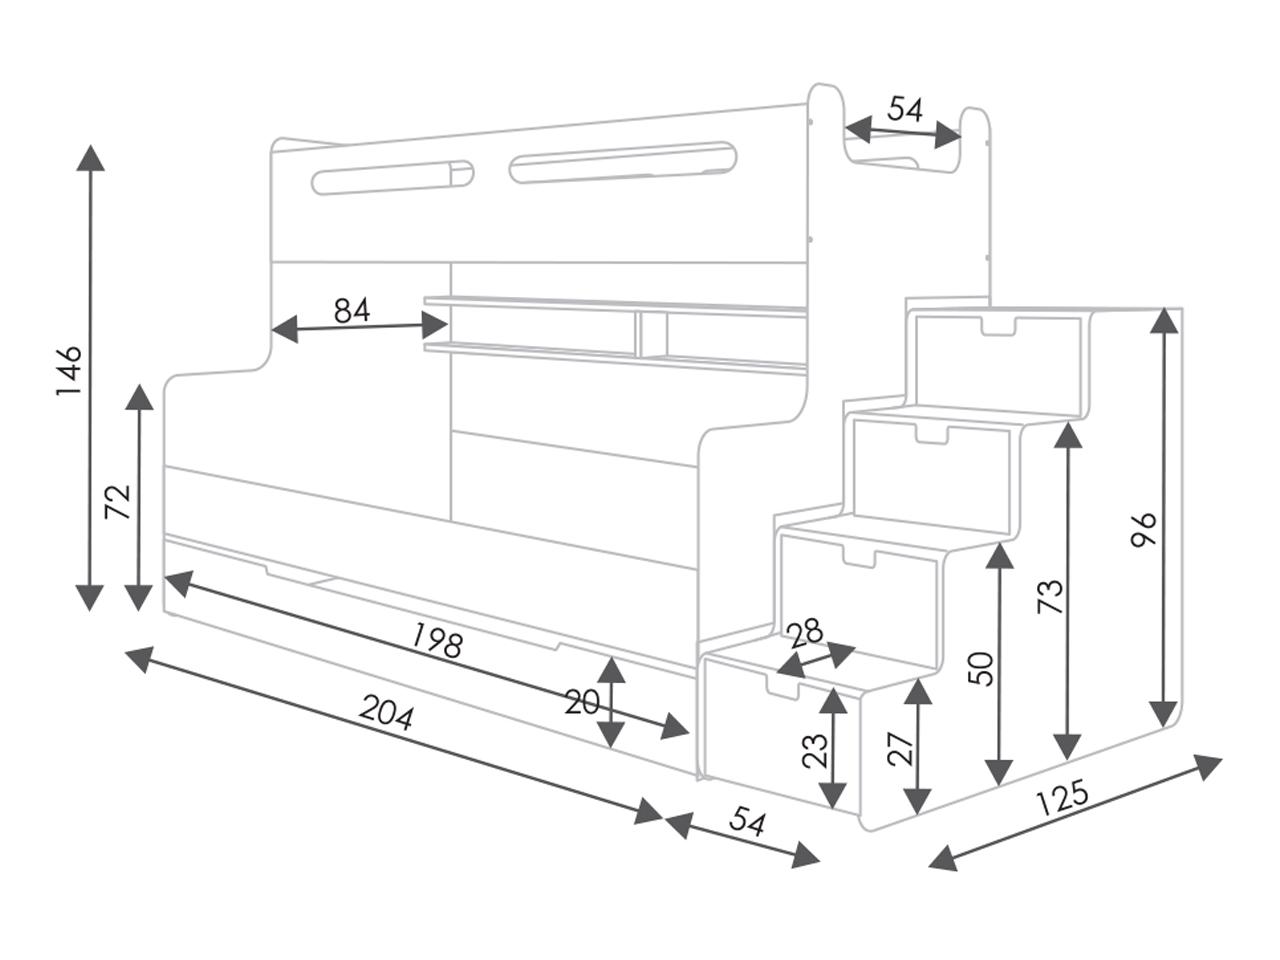 hochbett etagenbett max 2 in haag kaufen bei. Black Bedroom Furniture Sets. Home Design Ideas